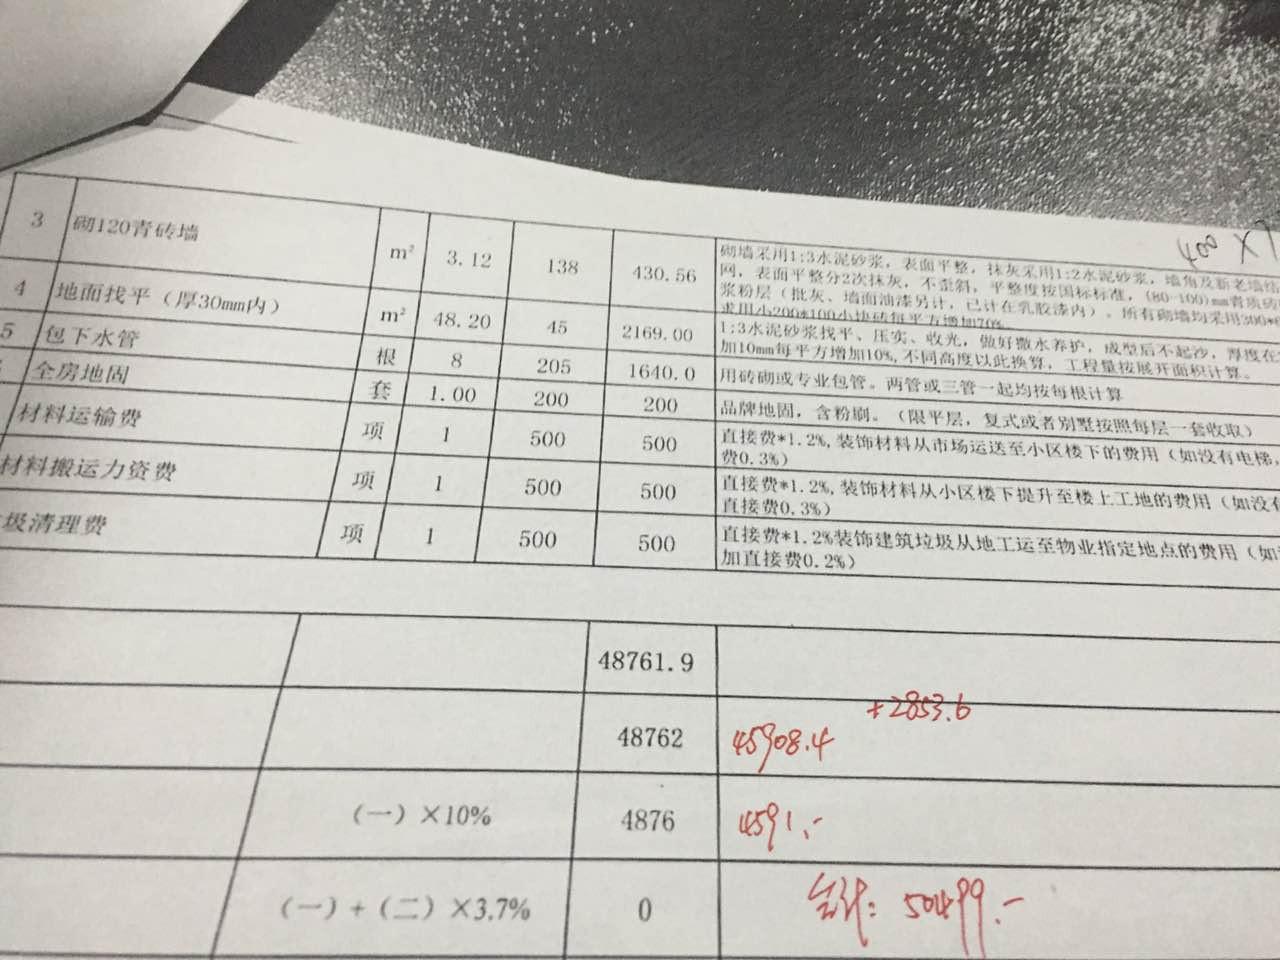 海赋江城报价审核结果6